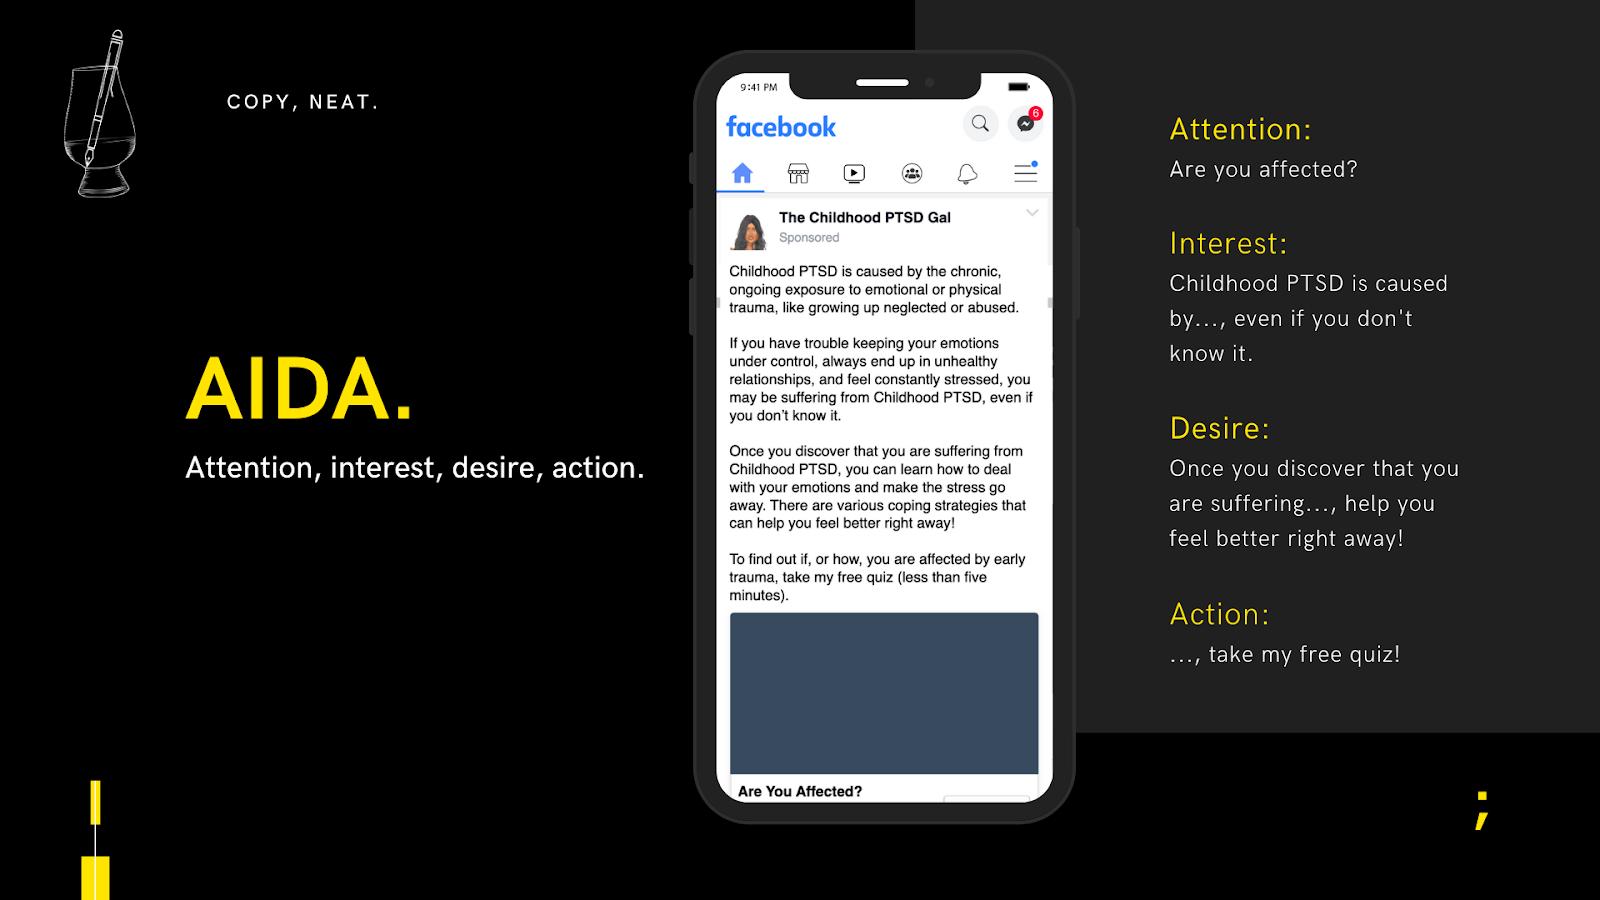 AIDA copywriting framework example by copyneat